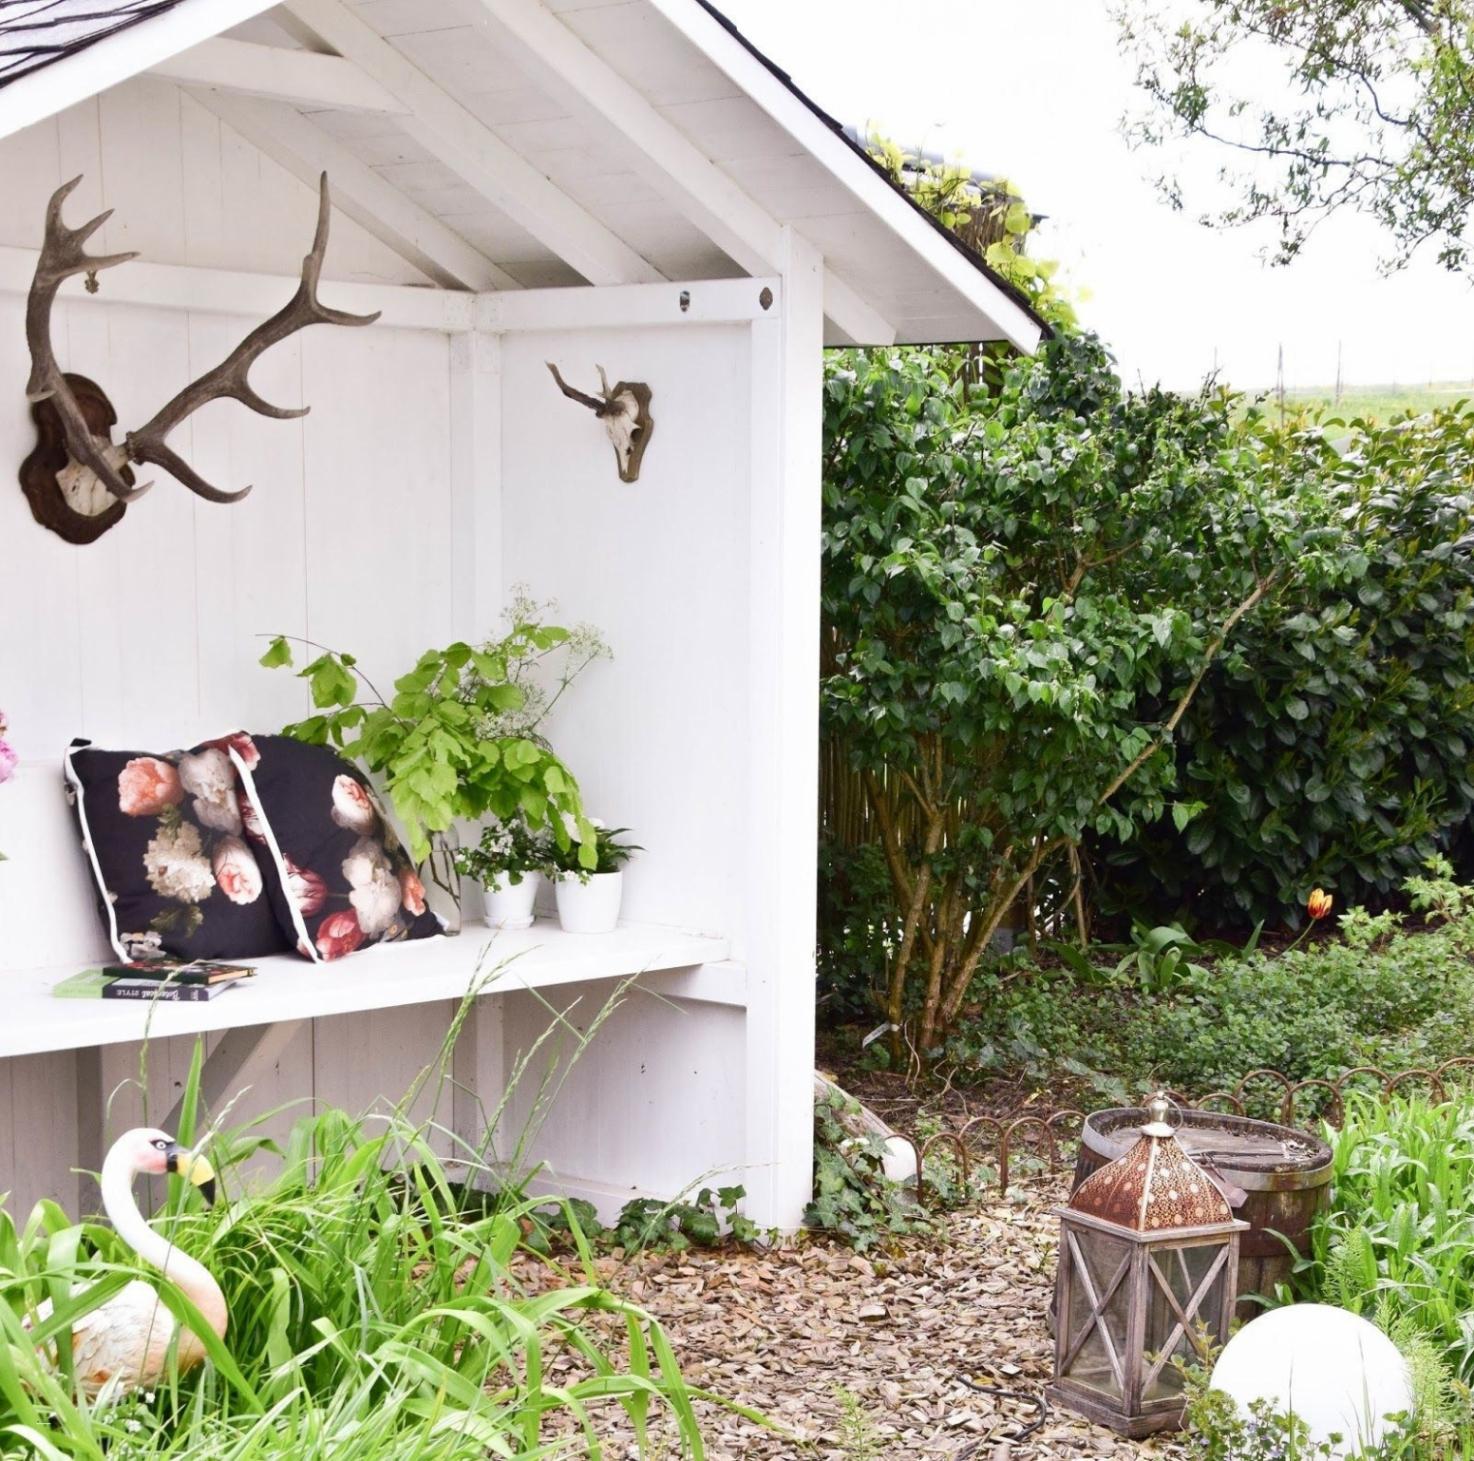 Bastelideen Für Den Garten Schön Osterdeko Selber Machen Für Draußen — Temobardz Home Blog